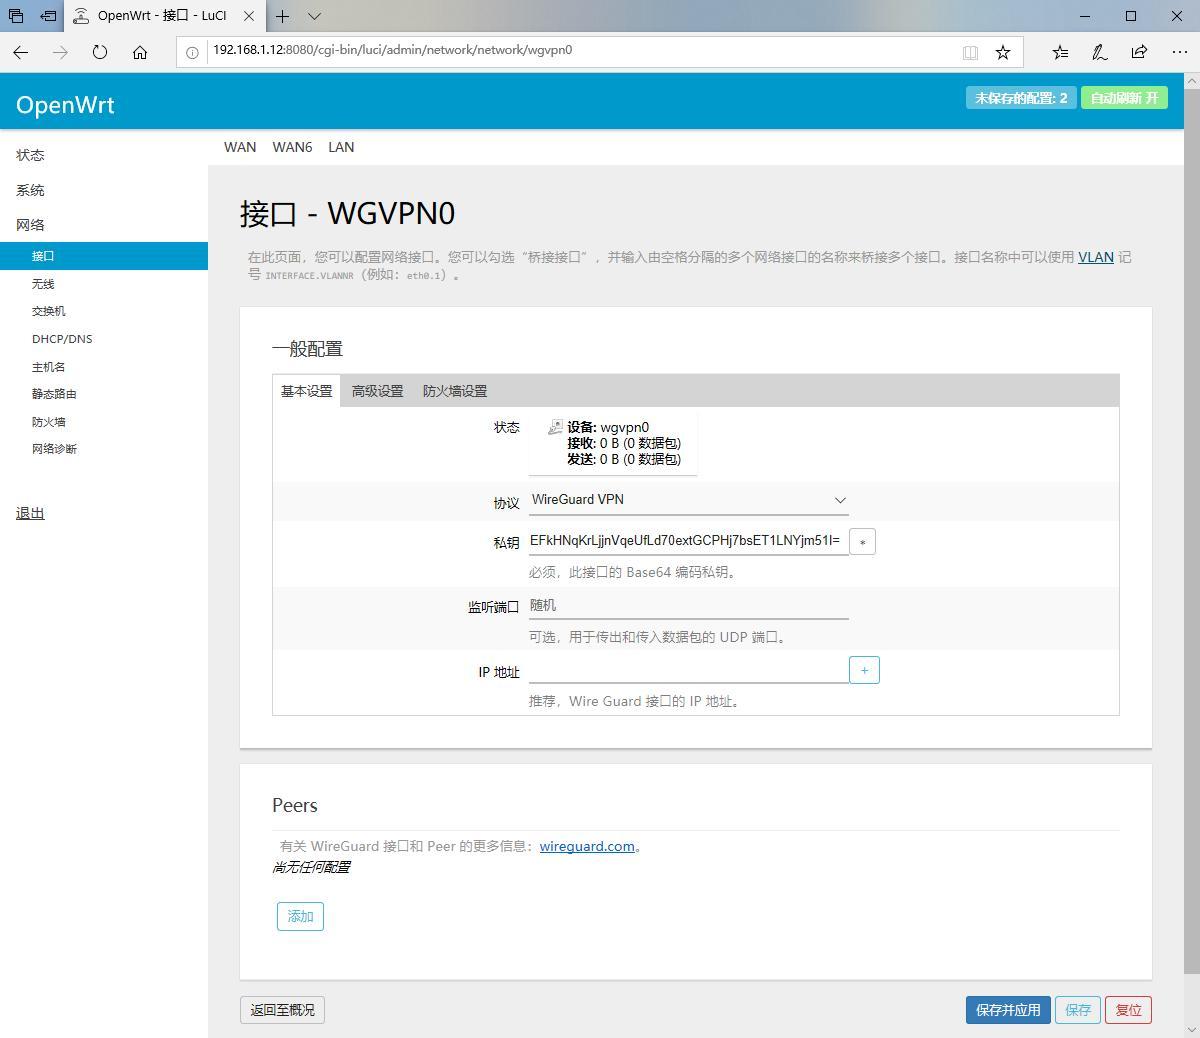 wireguard OpenWRT opkg install - Programmer Sought